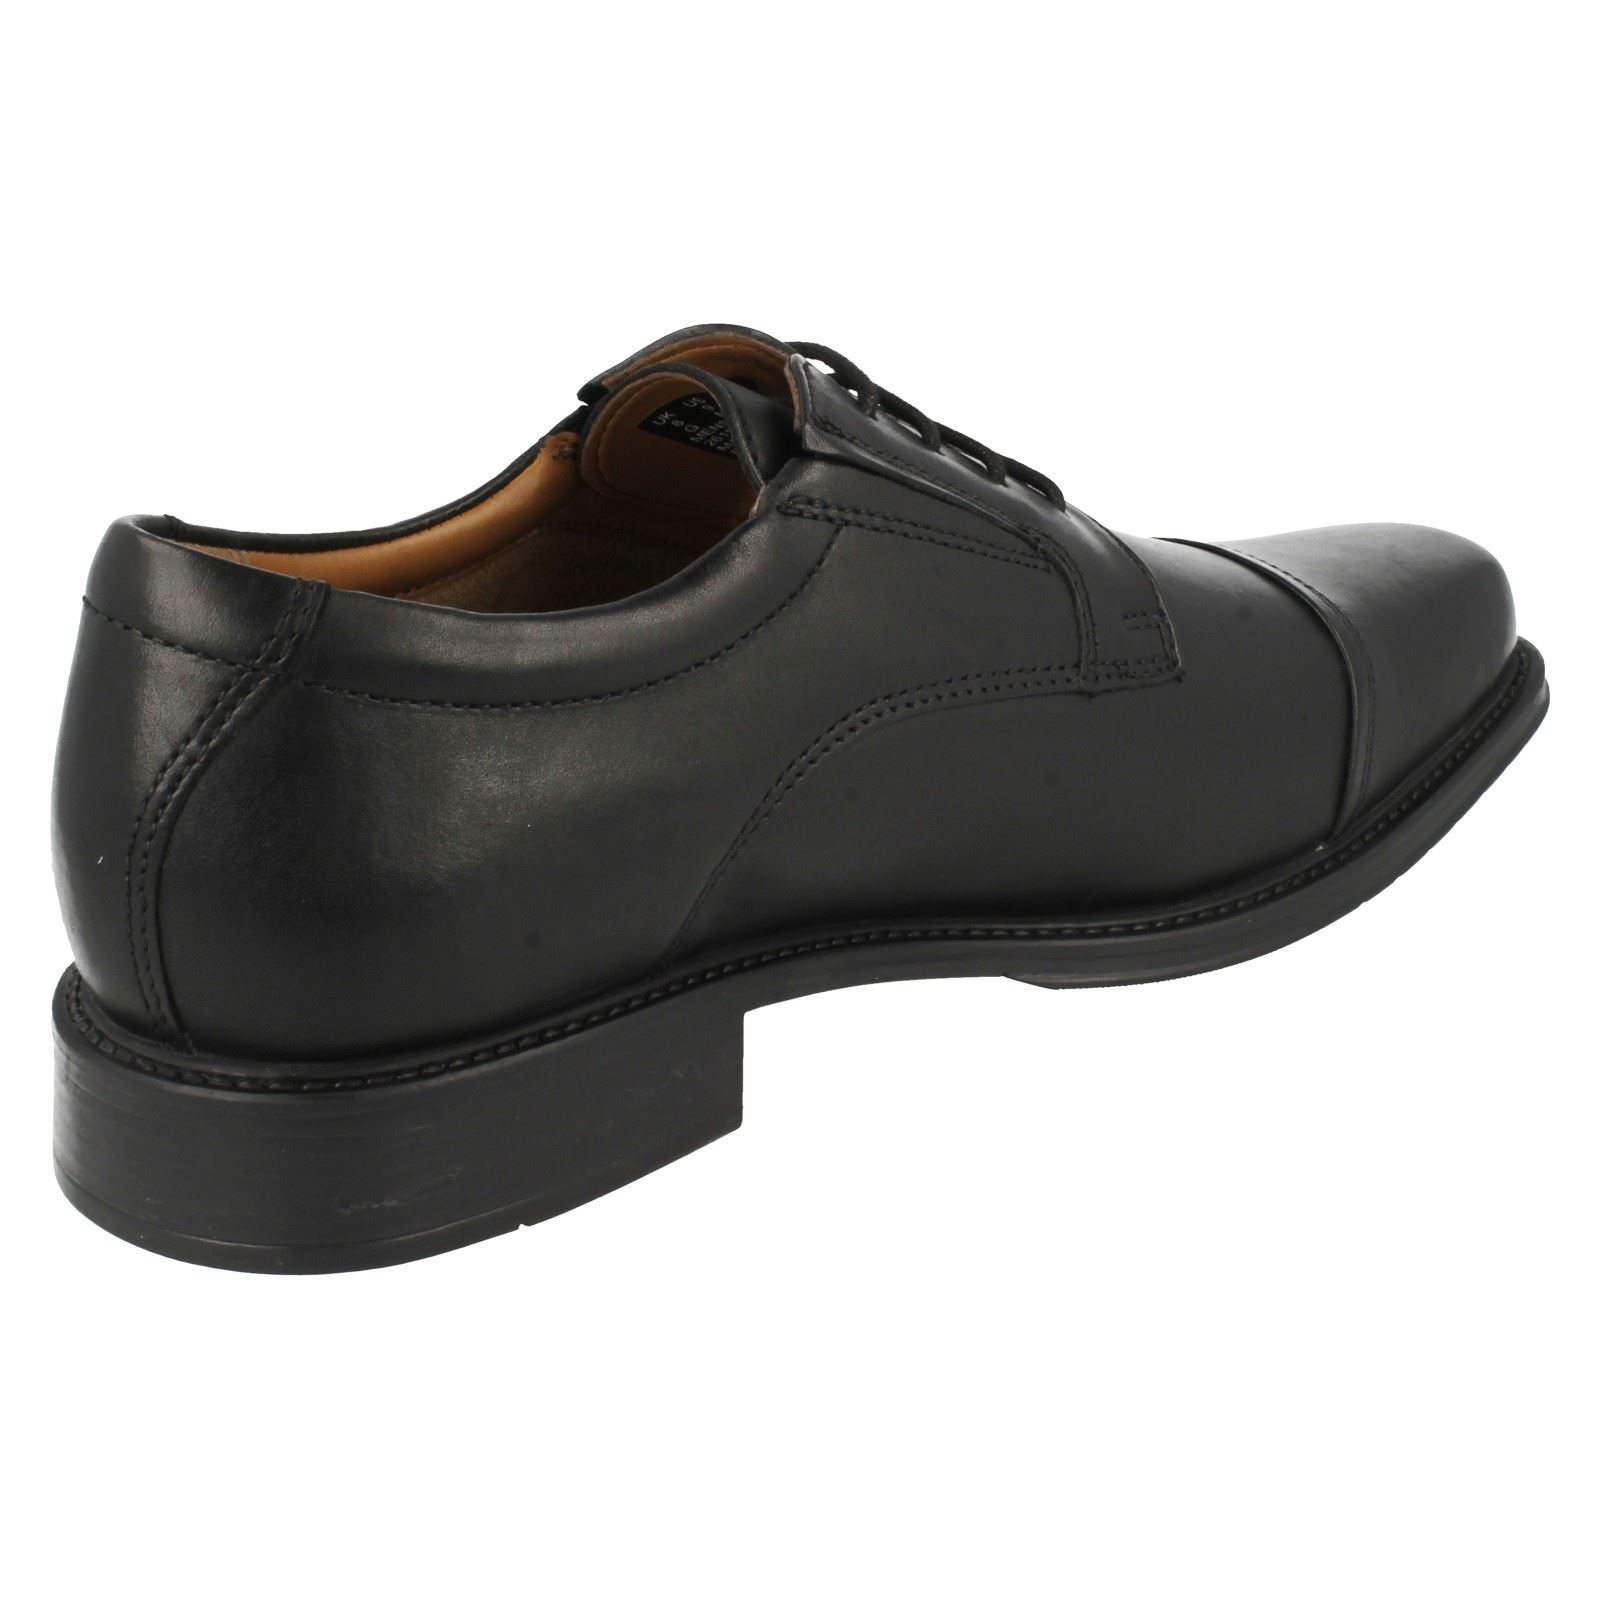 Billig gute Qualität Herren Clarks Driggs Kappe Schnürschuhe